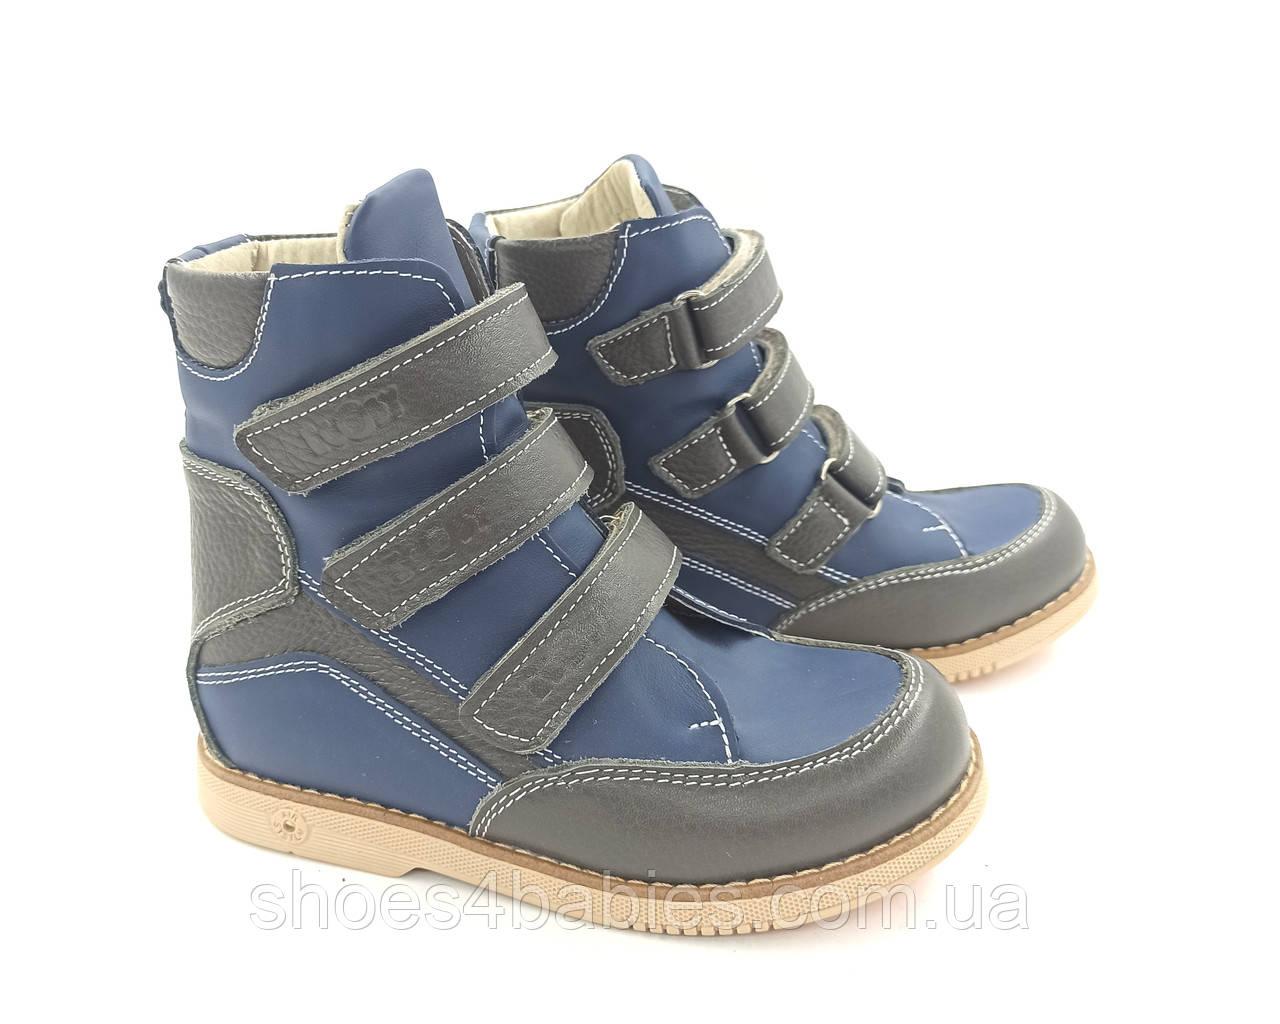 Ортопедические ботинки Ecoby 210GB размер 31 - 20,6см стелька